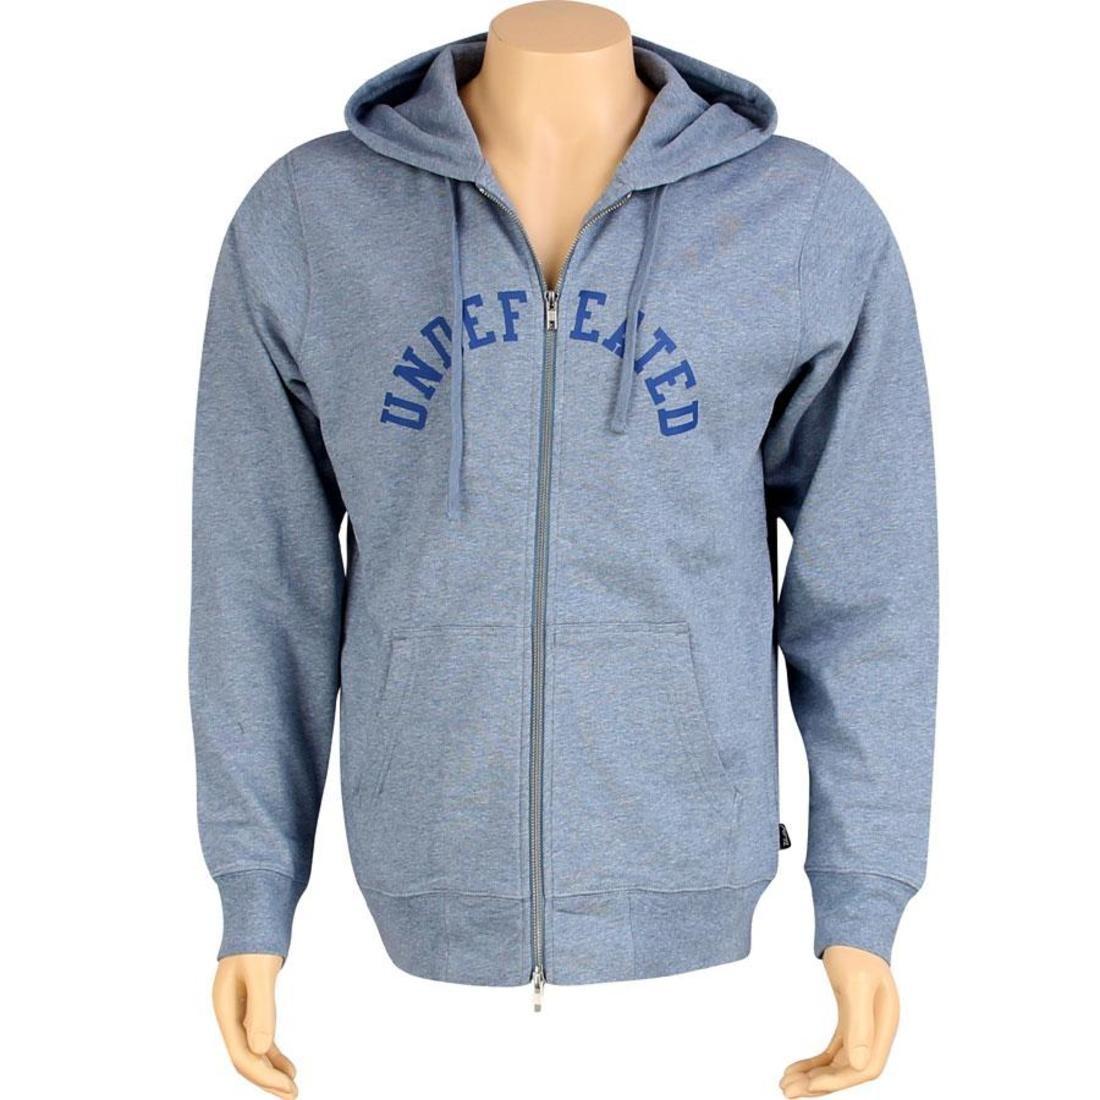 【海外限定】フーディー パーカー メンズファッション 【 UNDEFEATED ZIP UP HOODY II BLUE 】